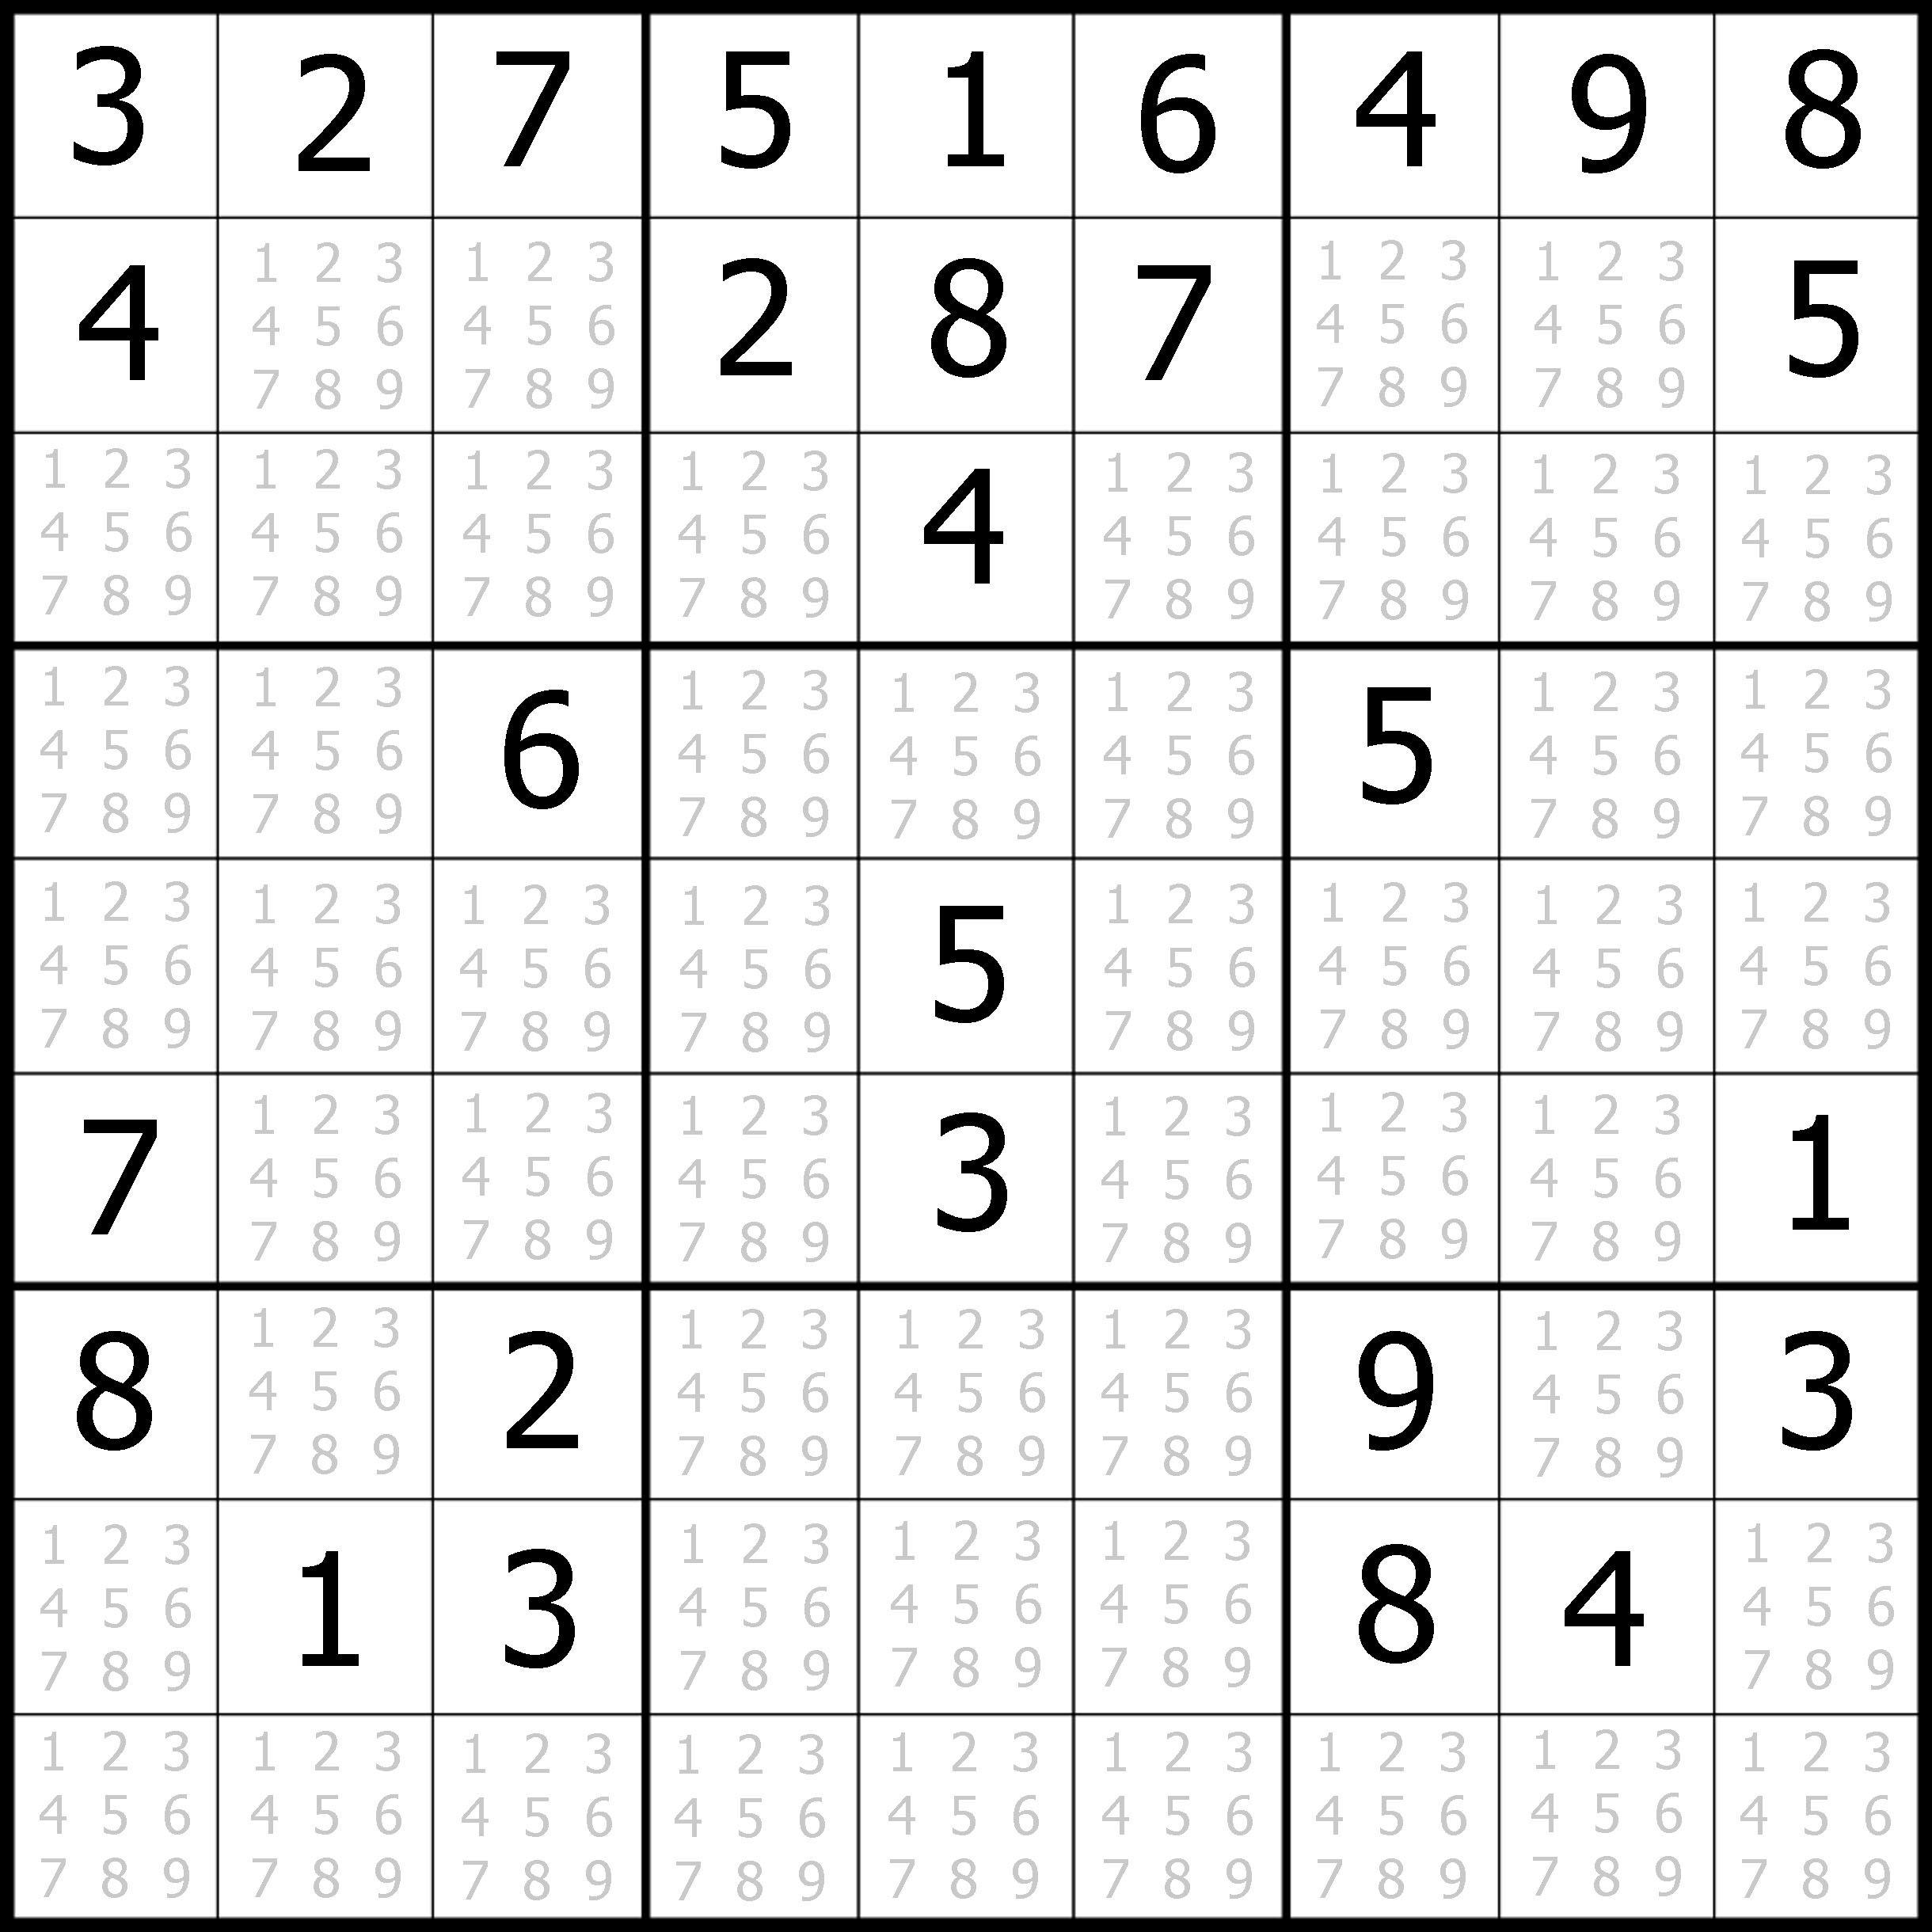 Sudoku Printable | Free, Medium, Printable Sudoku Puzzle #1 | My - Printable Sudoku Puzzles Easy #1